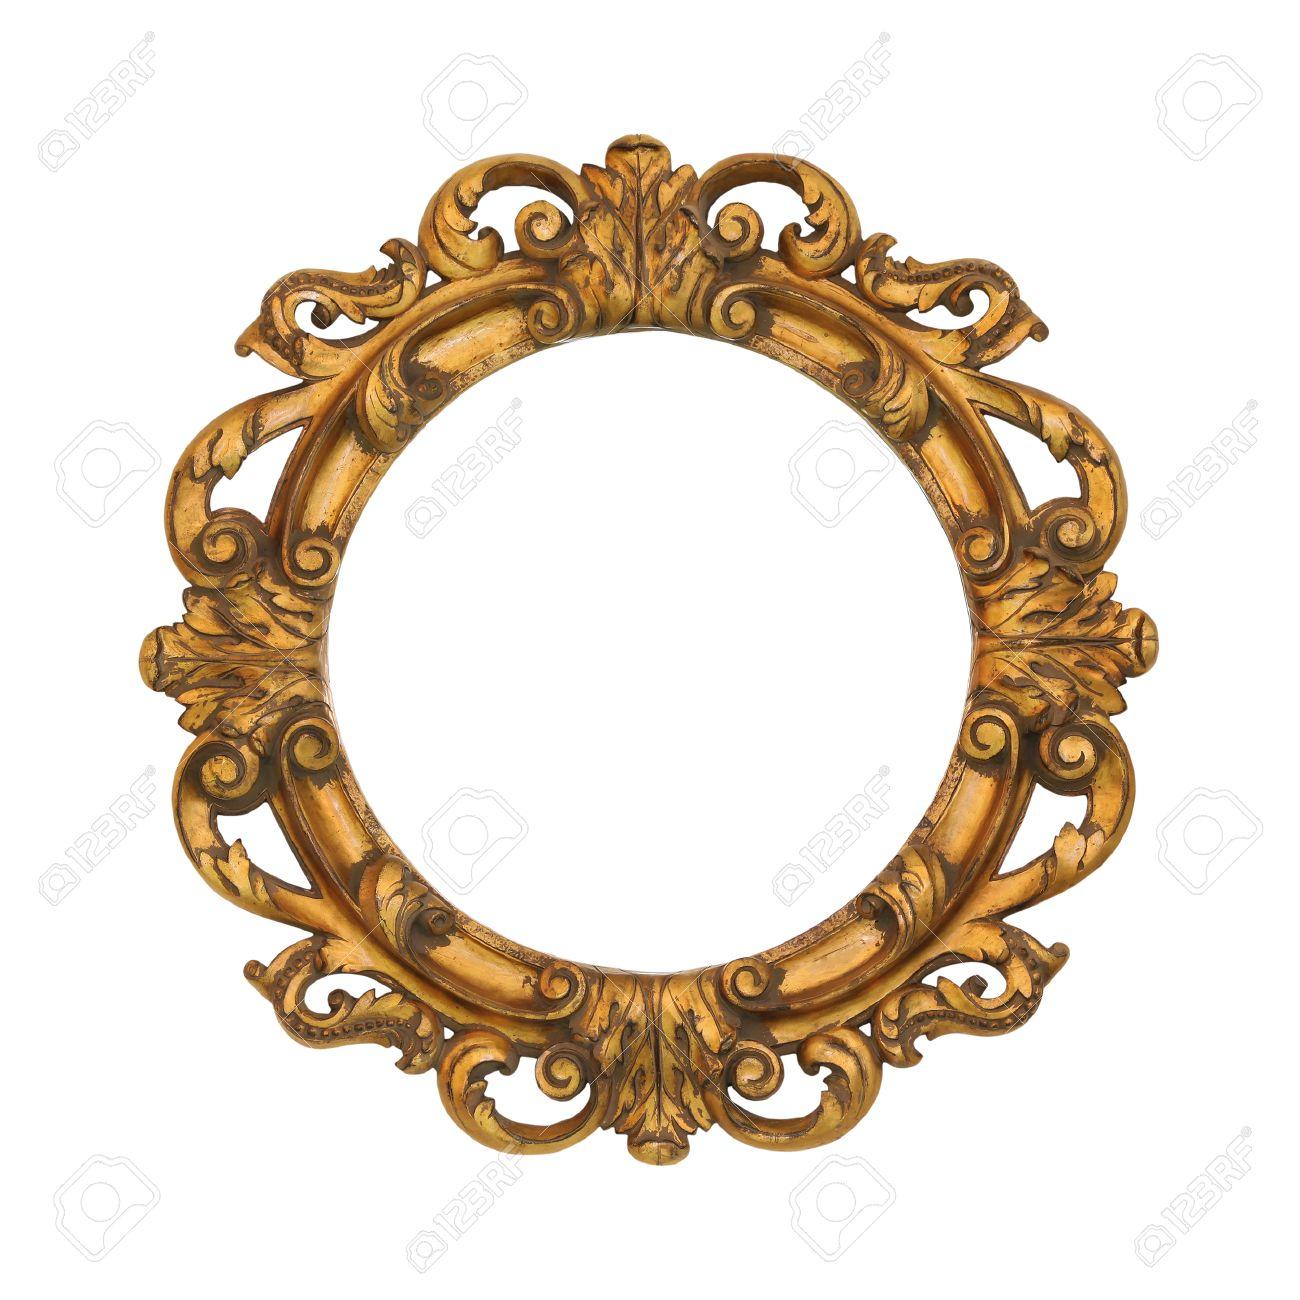 cadre ovale de style baroque d or isolee avec chemin de detourage inclus